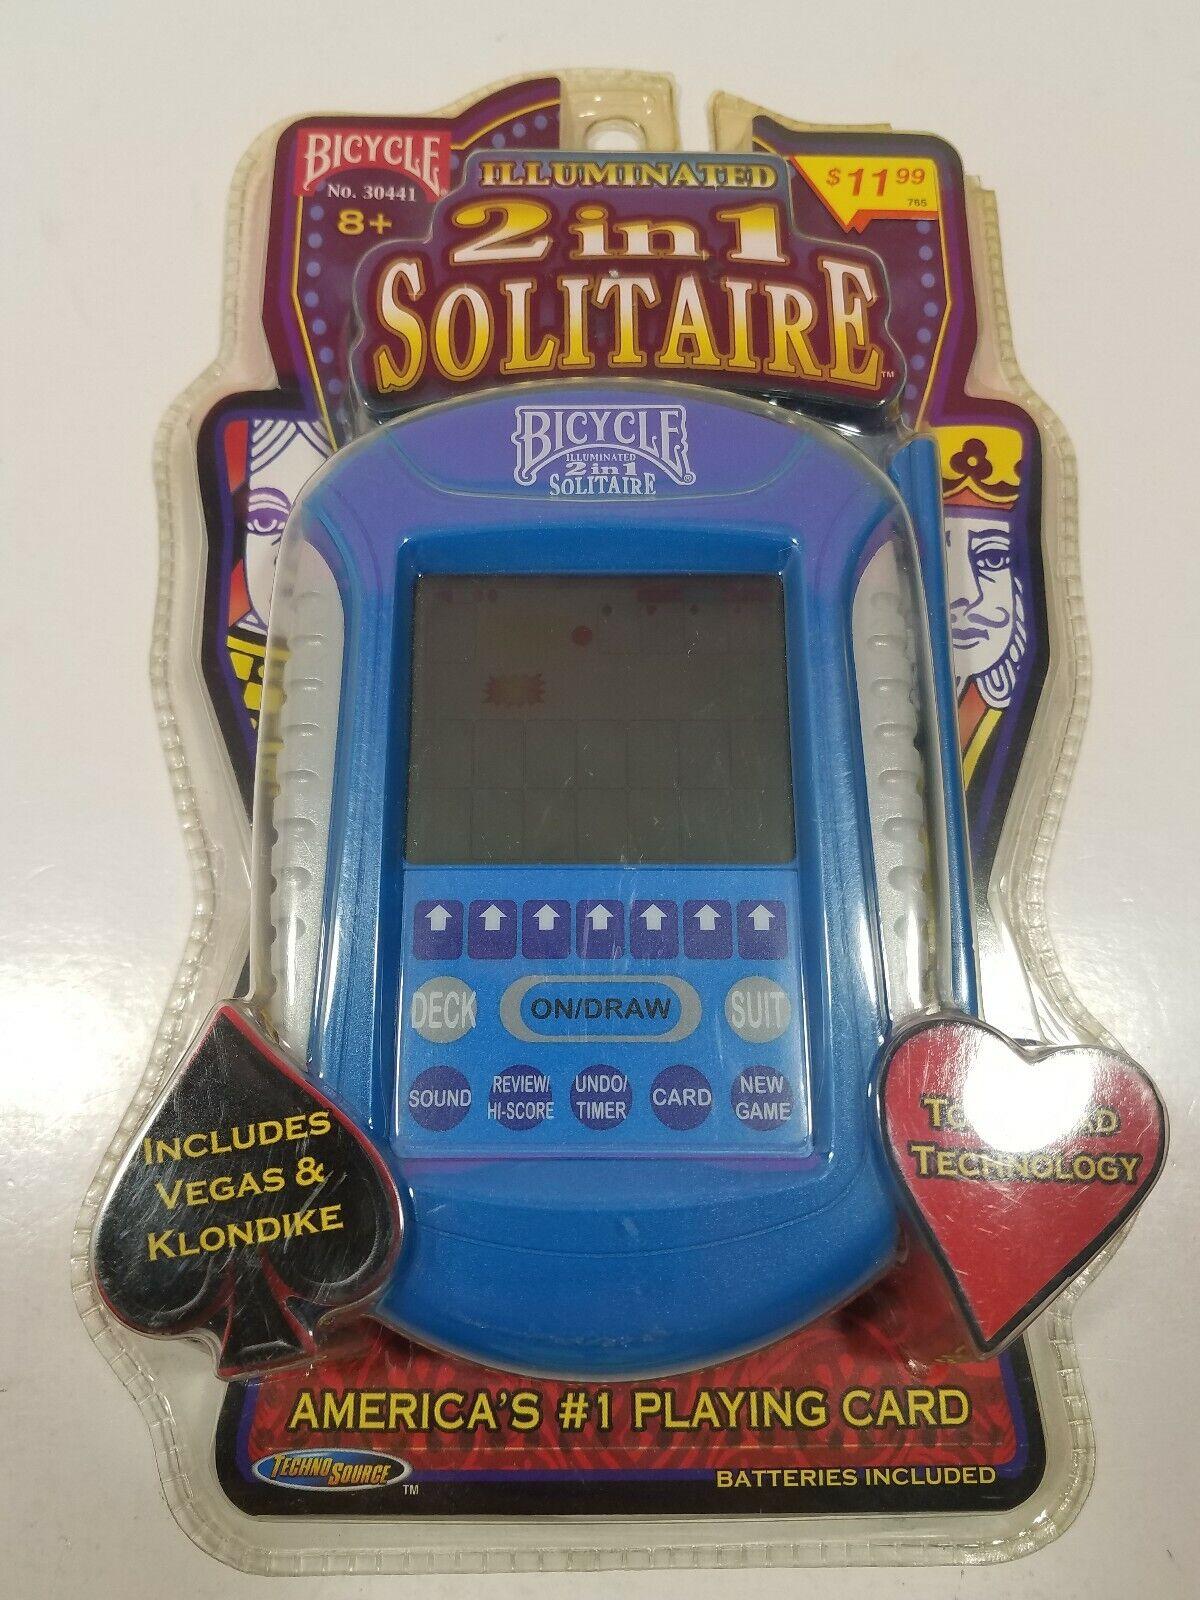 Bicicleta iluminado touch pad 2 en 1 solitario   30441 Totalmente Nuevo Sellado 2006